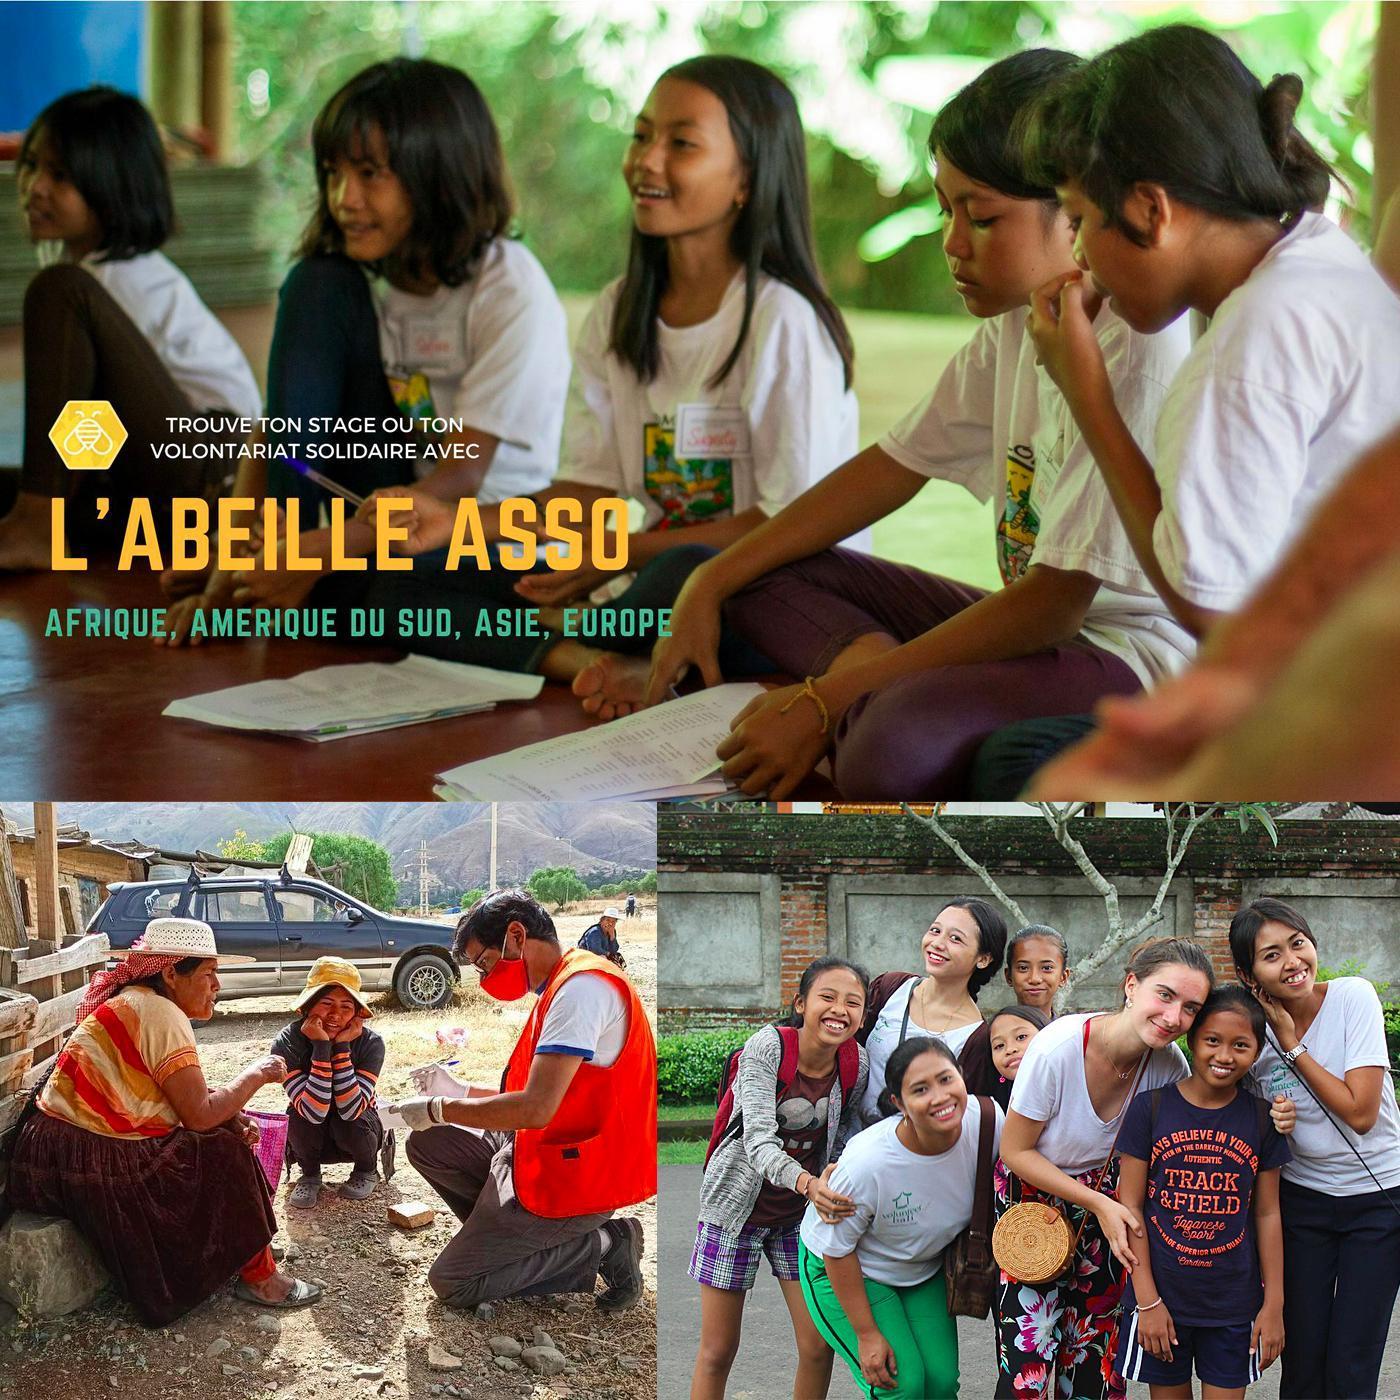 Carte postale radio [2021] : L'Abeille Asso, stages et volontariats dans plusieurs pays !